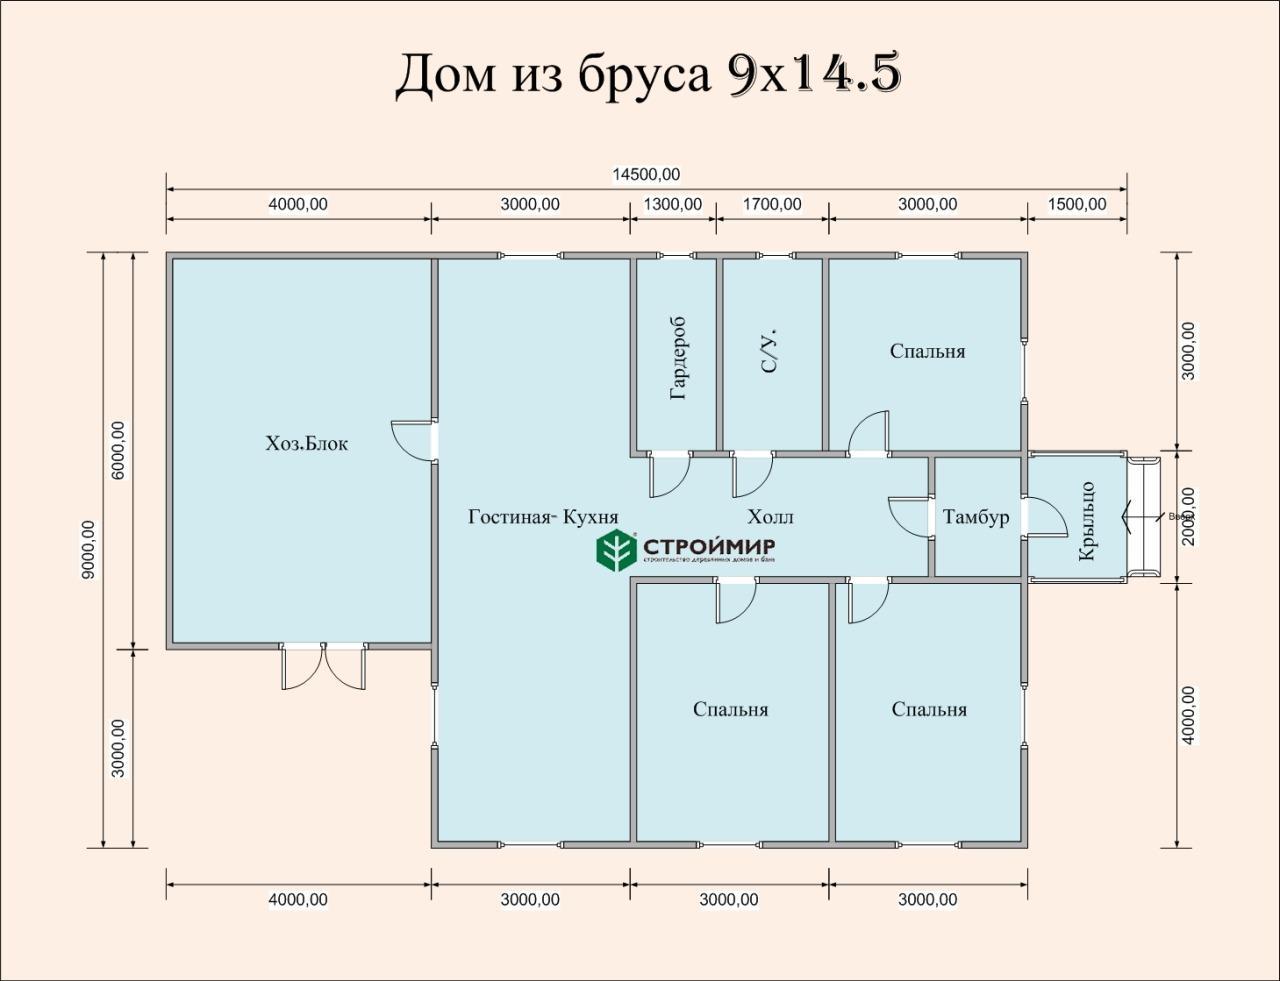 Одноэтажный дом из бруса 9х14 по проекту Д-108